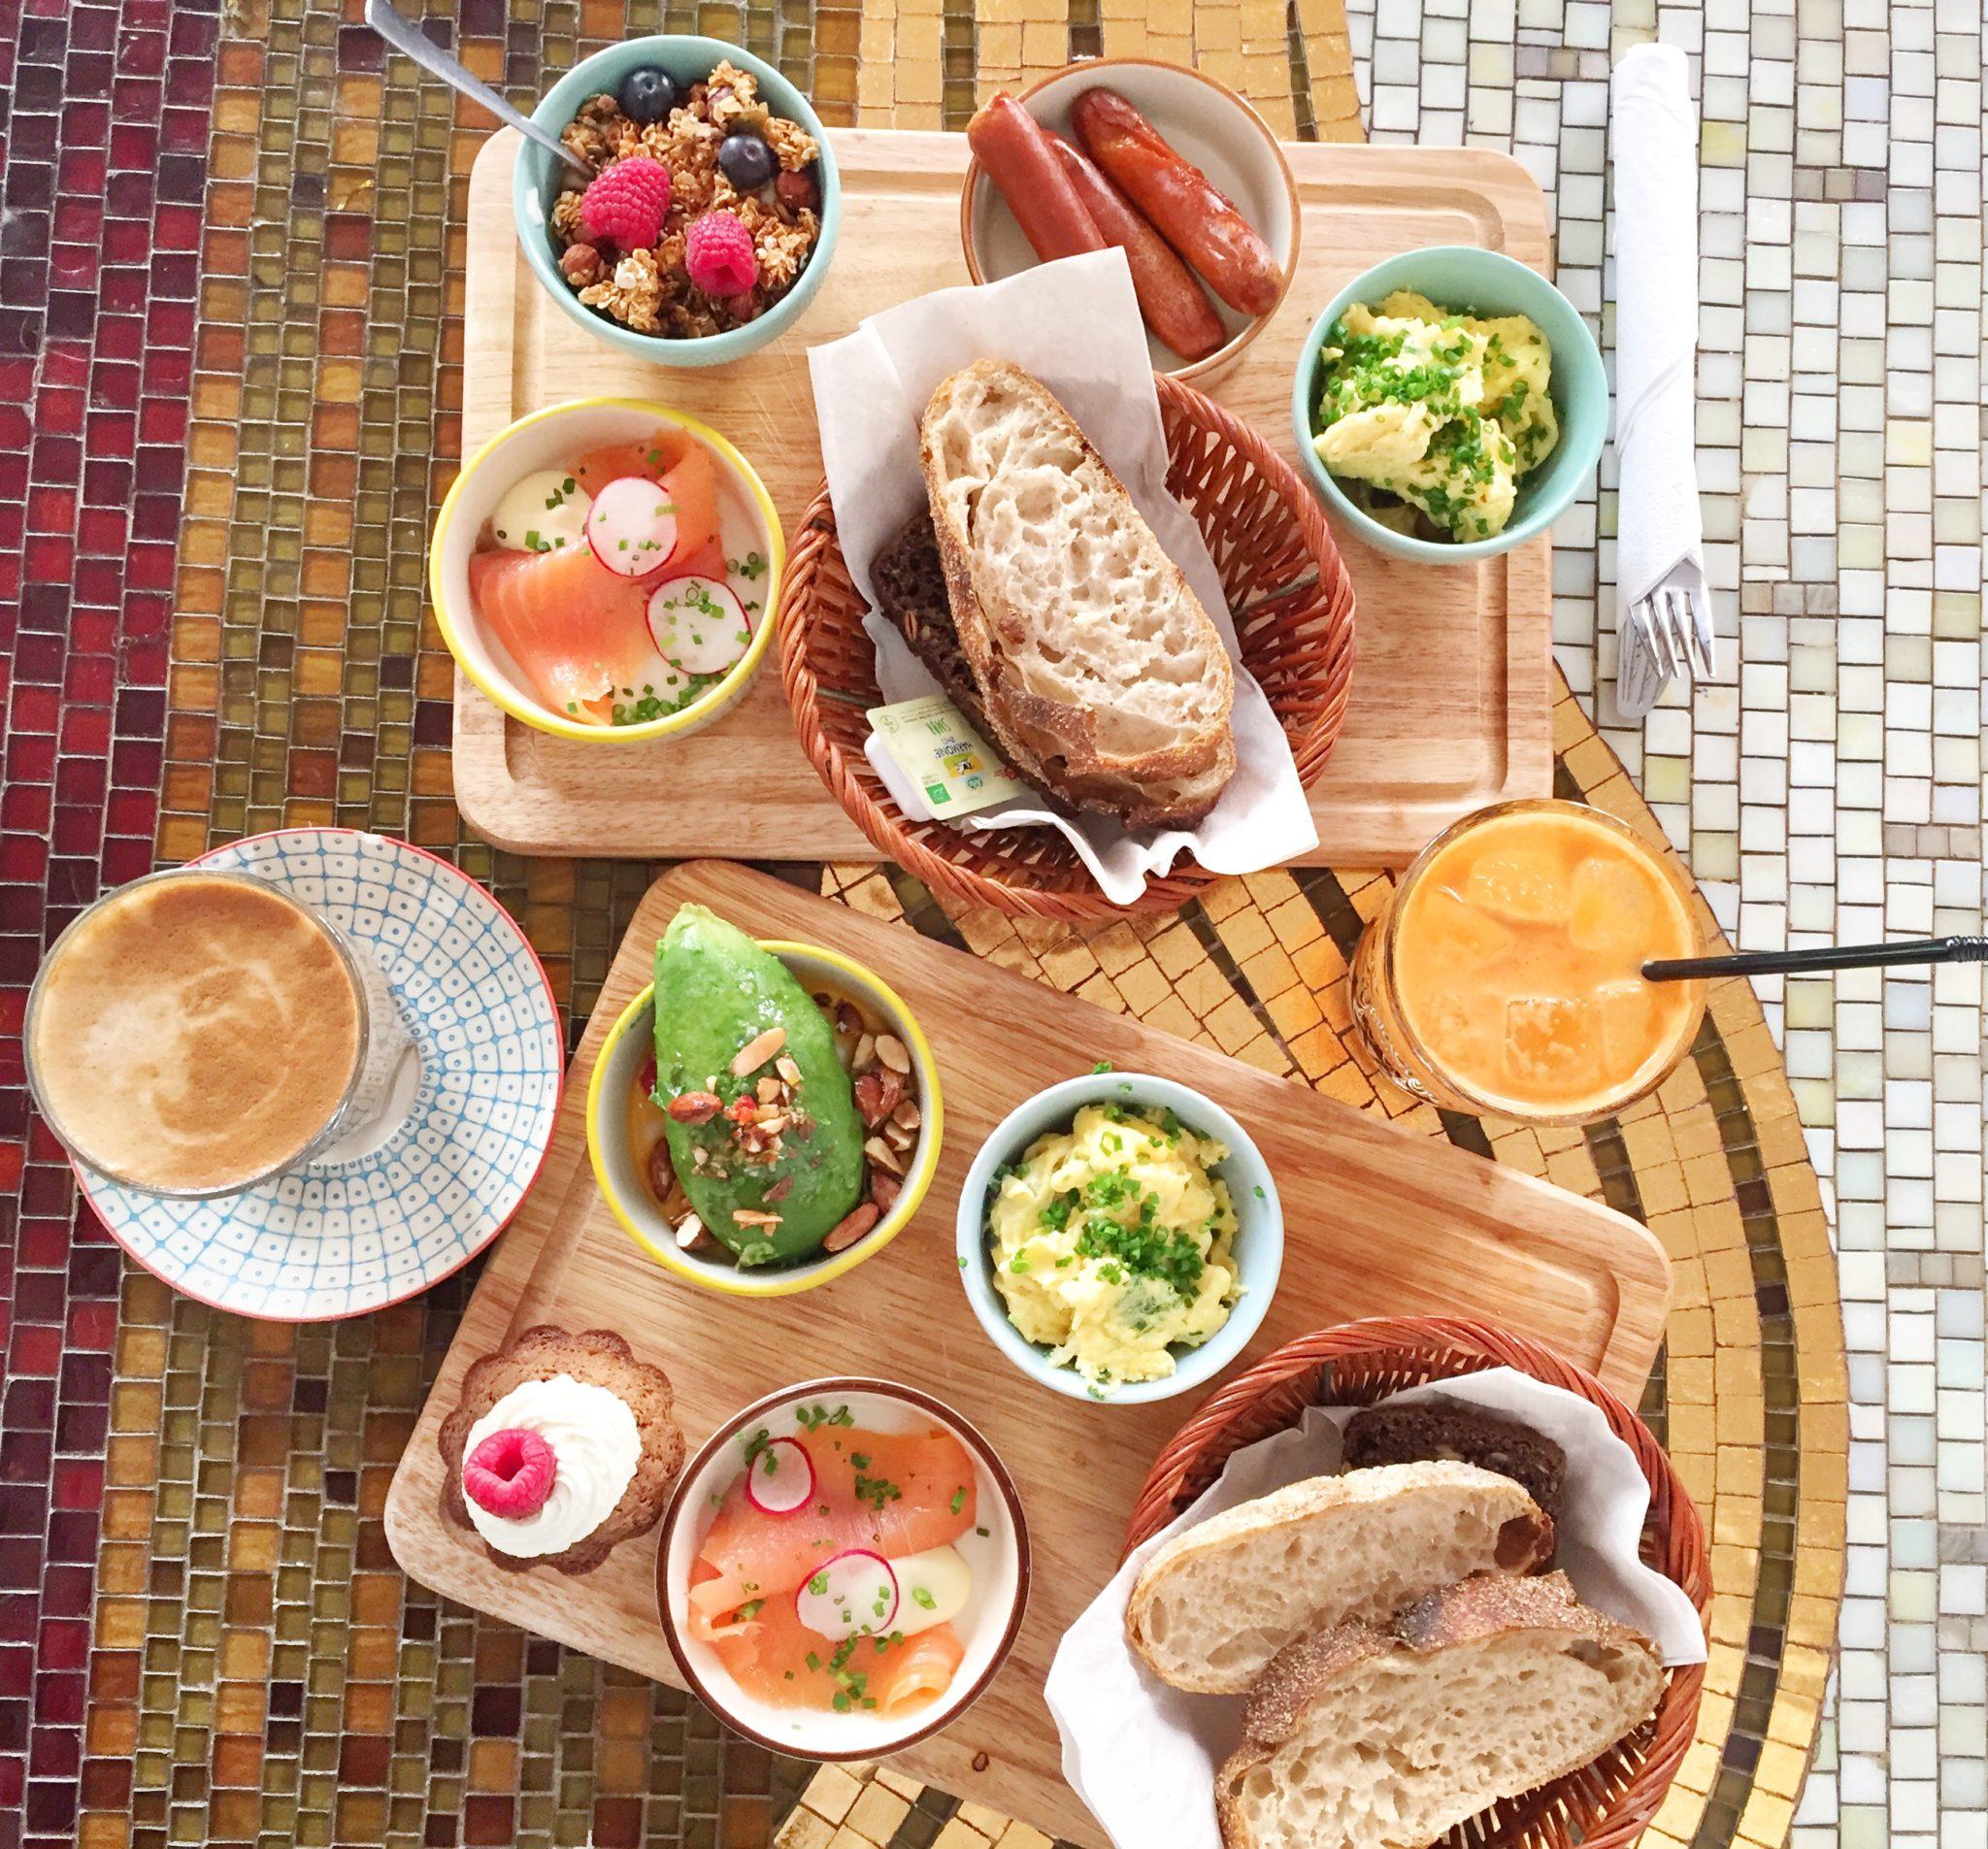 Bland selv brunch. Juice, æg, avokado, kage, laks, brød. Mad Og Kaffe i København